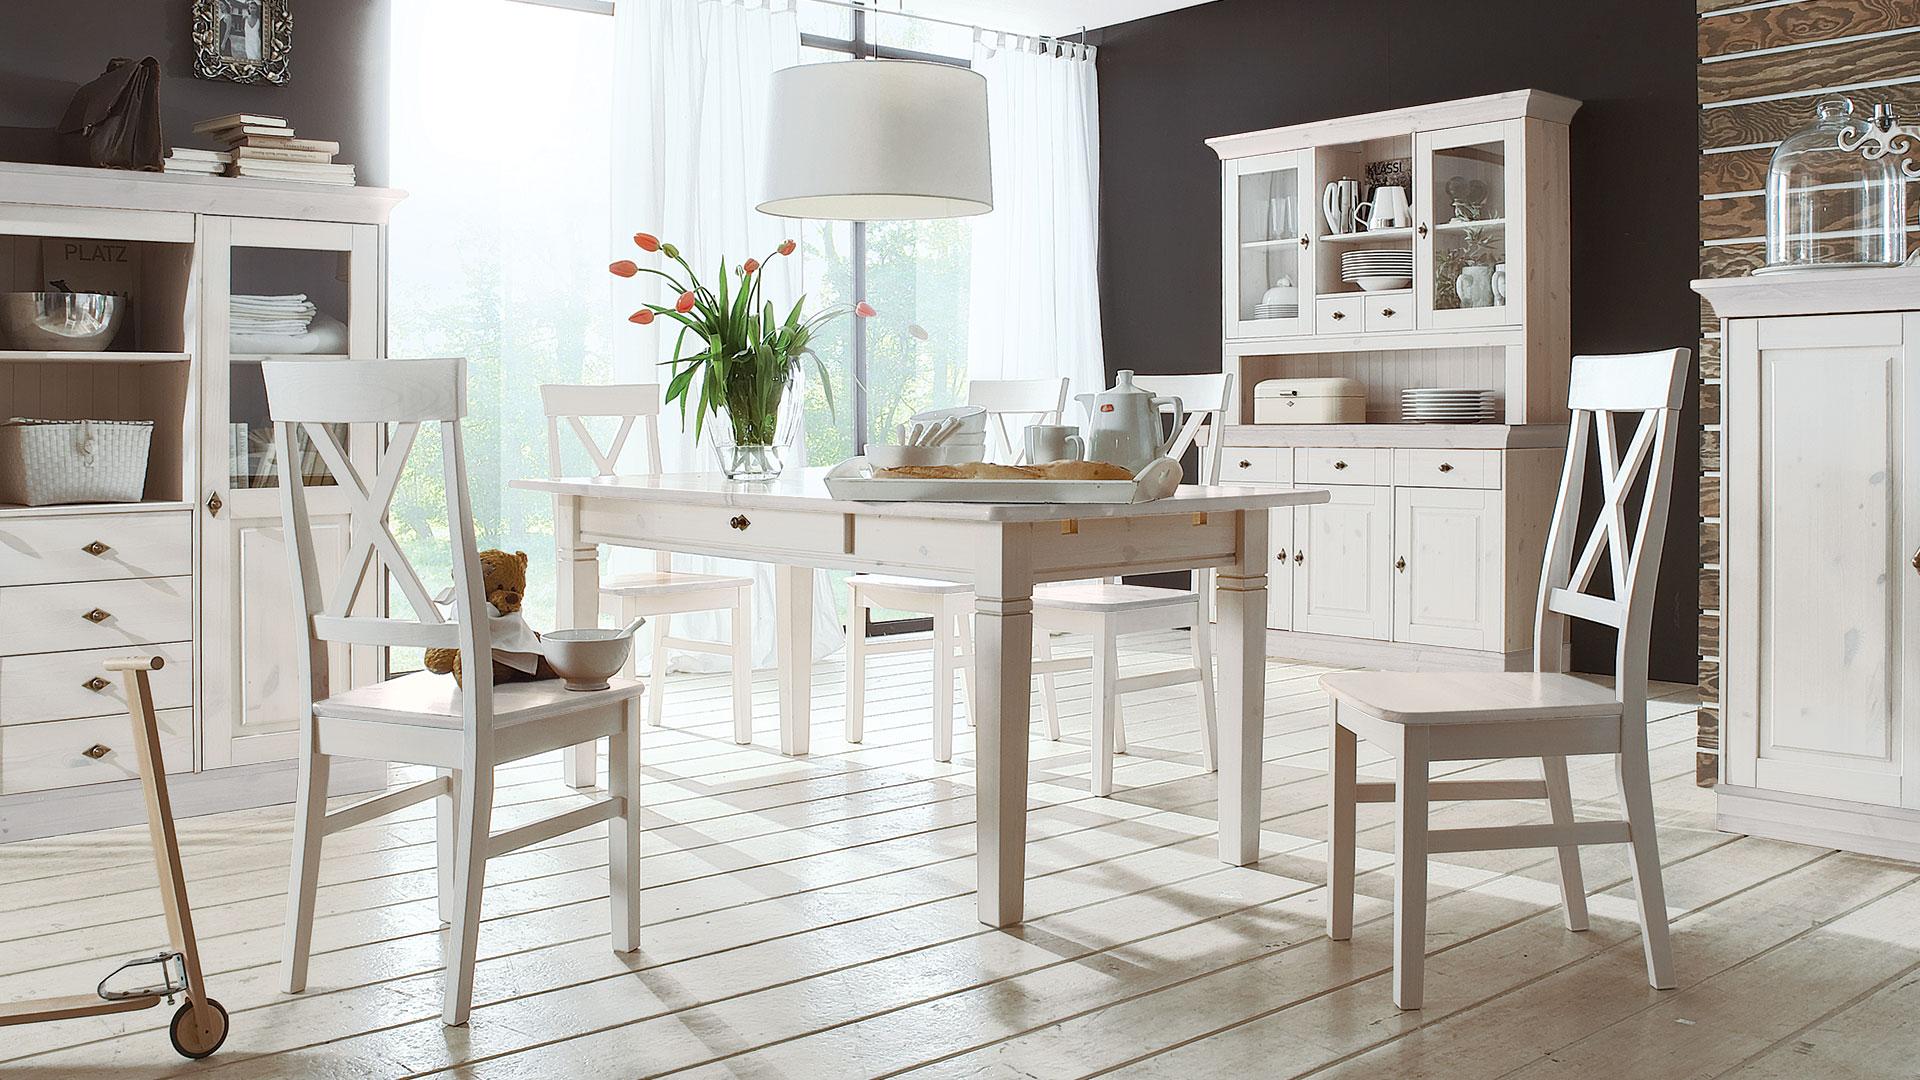 Full Size of Weißer Esstisch Tisch Romantico Llassisch Rustikaler Lampen Eiche Massiv Vintage 80x80 Nussbaum Ovaler Oval Altholz Massivholz Ausziehbar Esstische Kaufen Esstische Weißer Esstisch